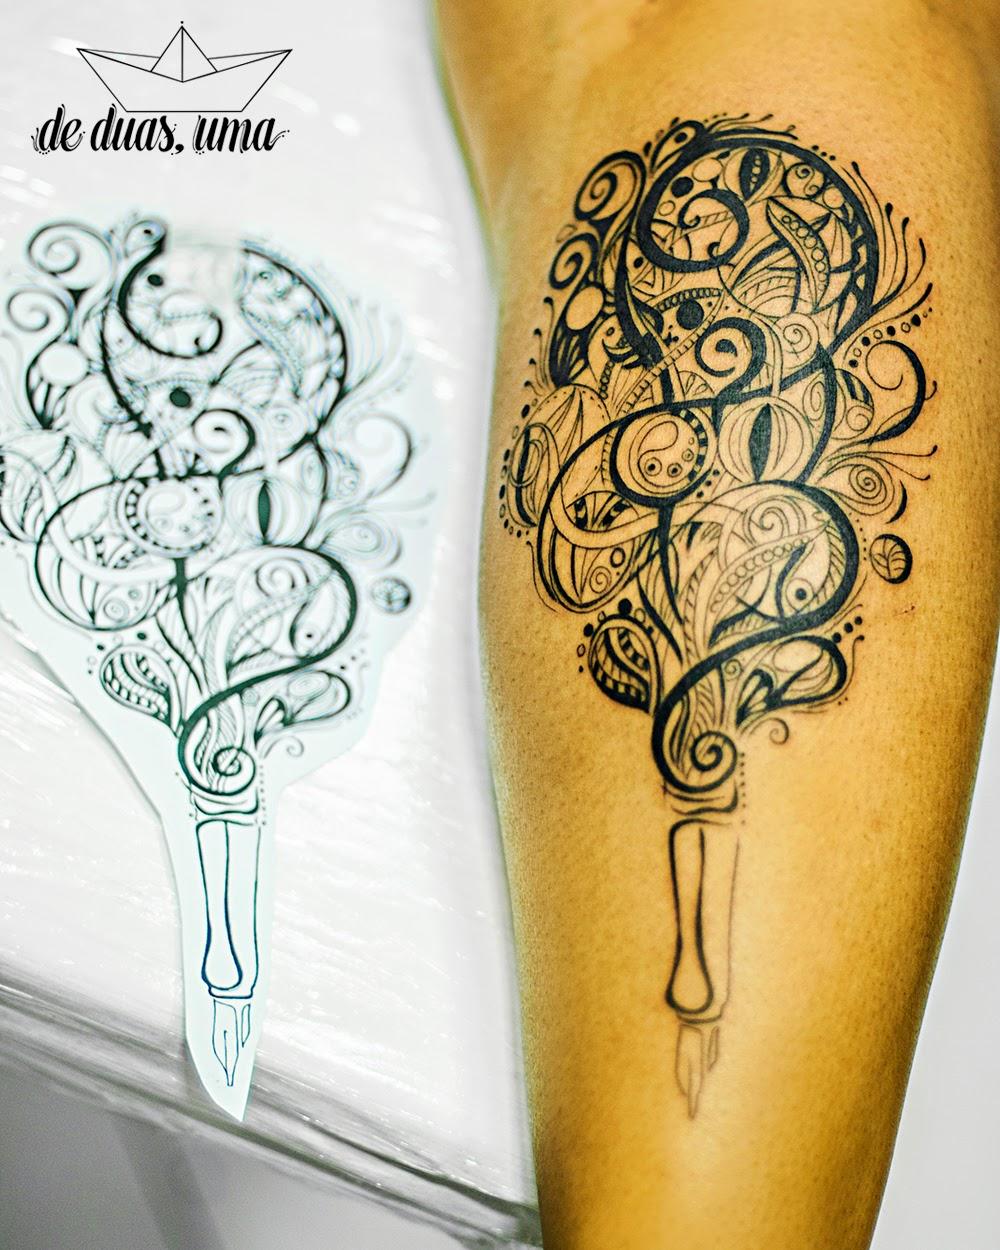 tatuagem exclusiva  deduasuma